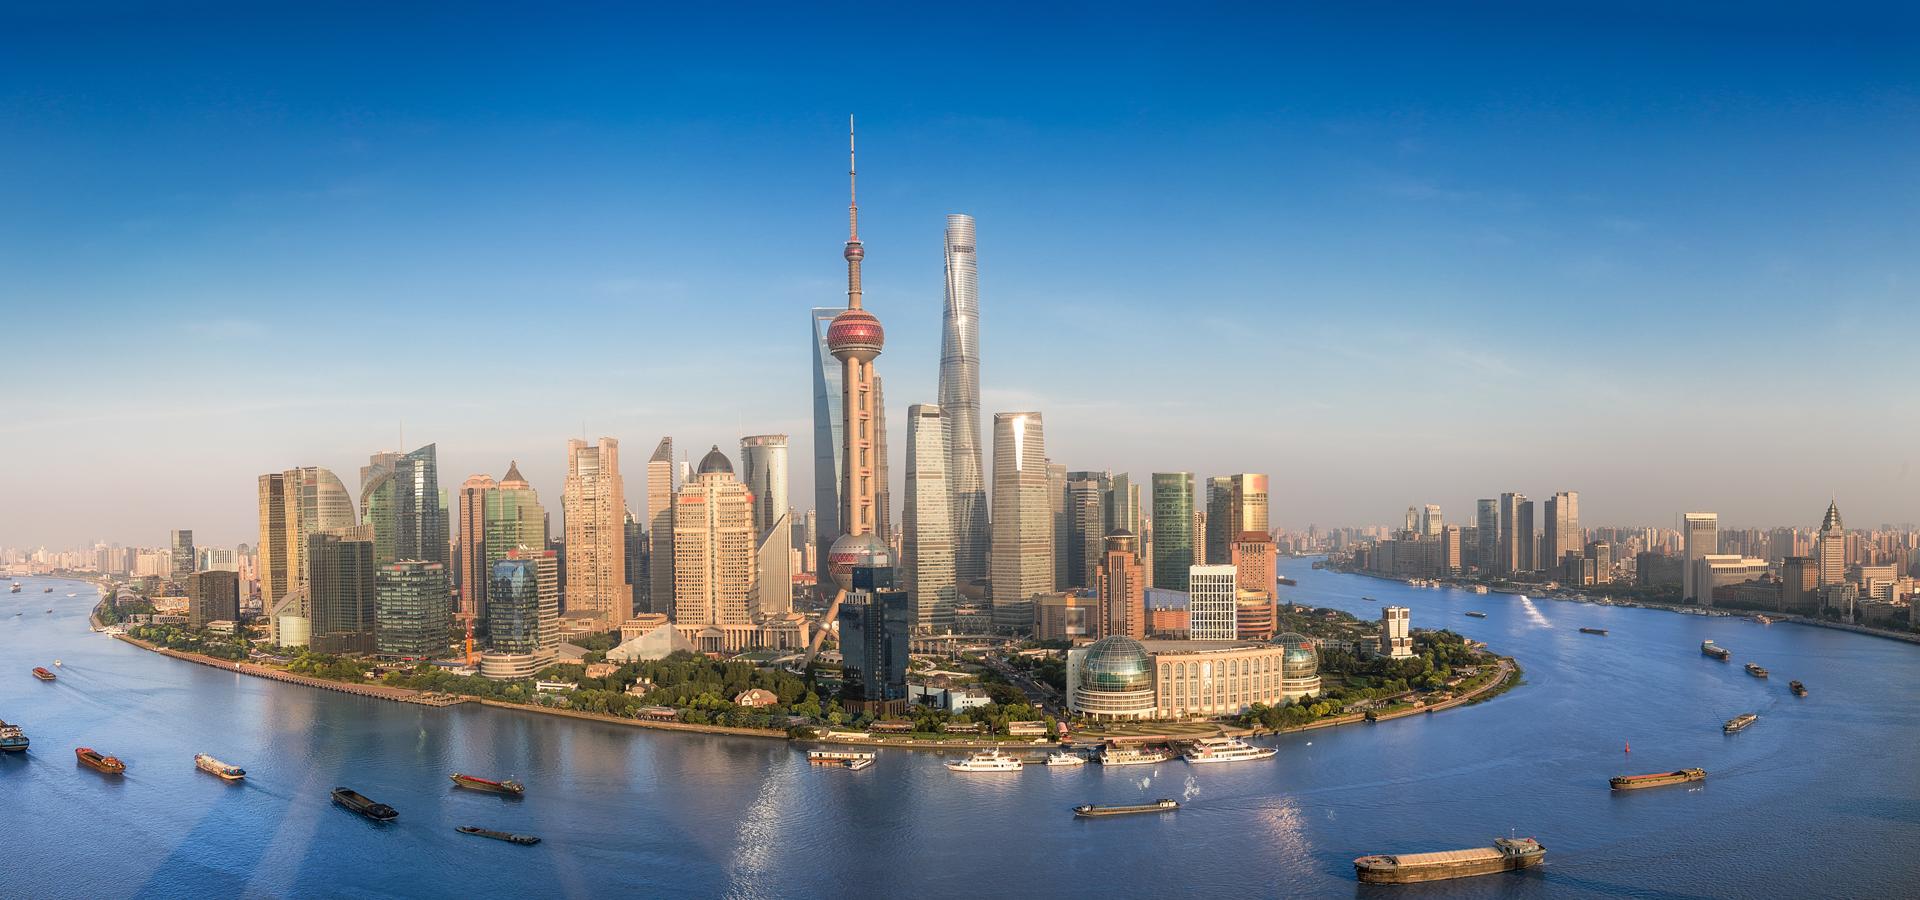 Luwan, Shanghai Municipality, China